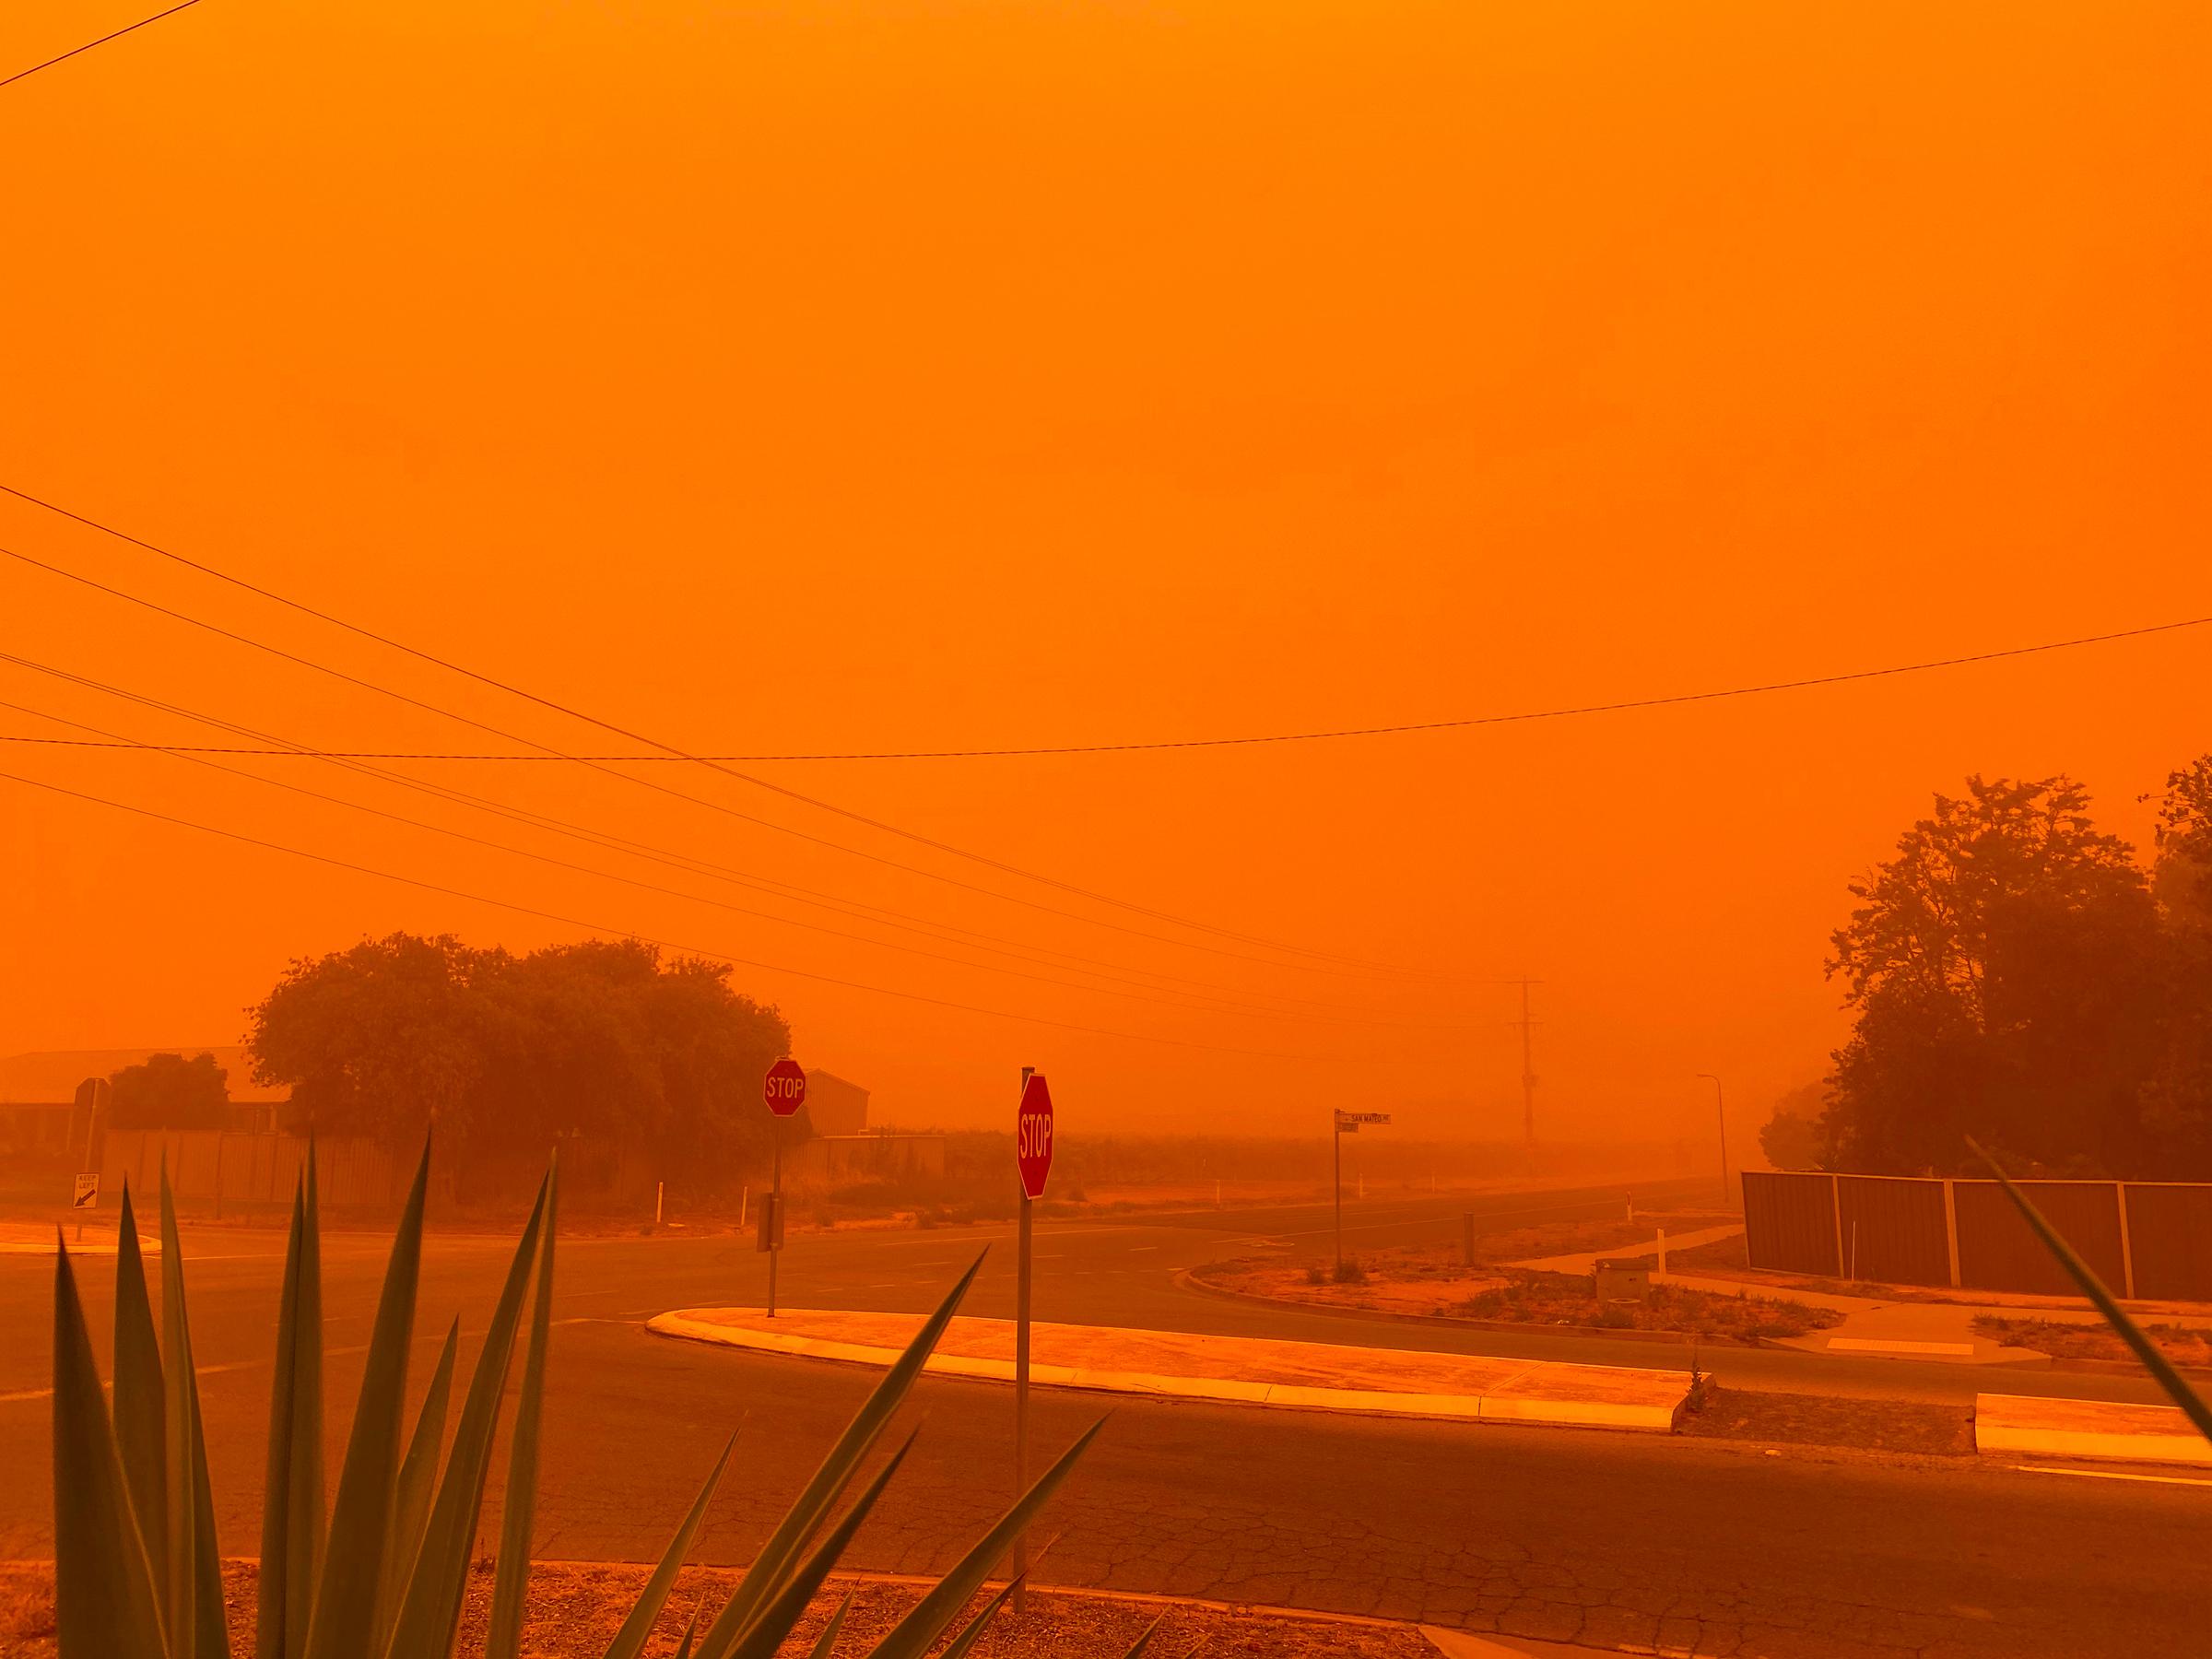 The sky turned orange in Mildura on Nov. 21, 2019.